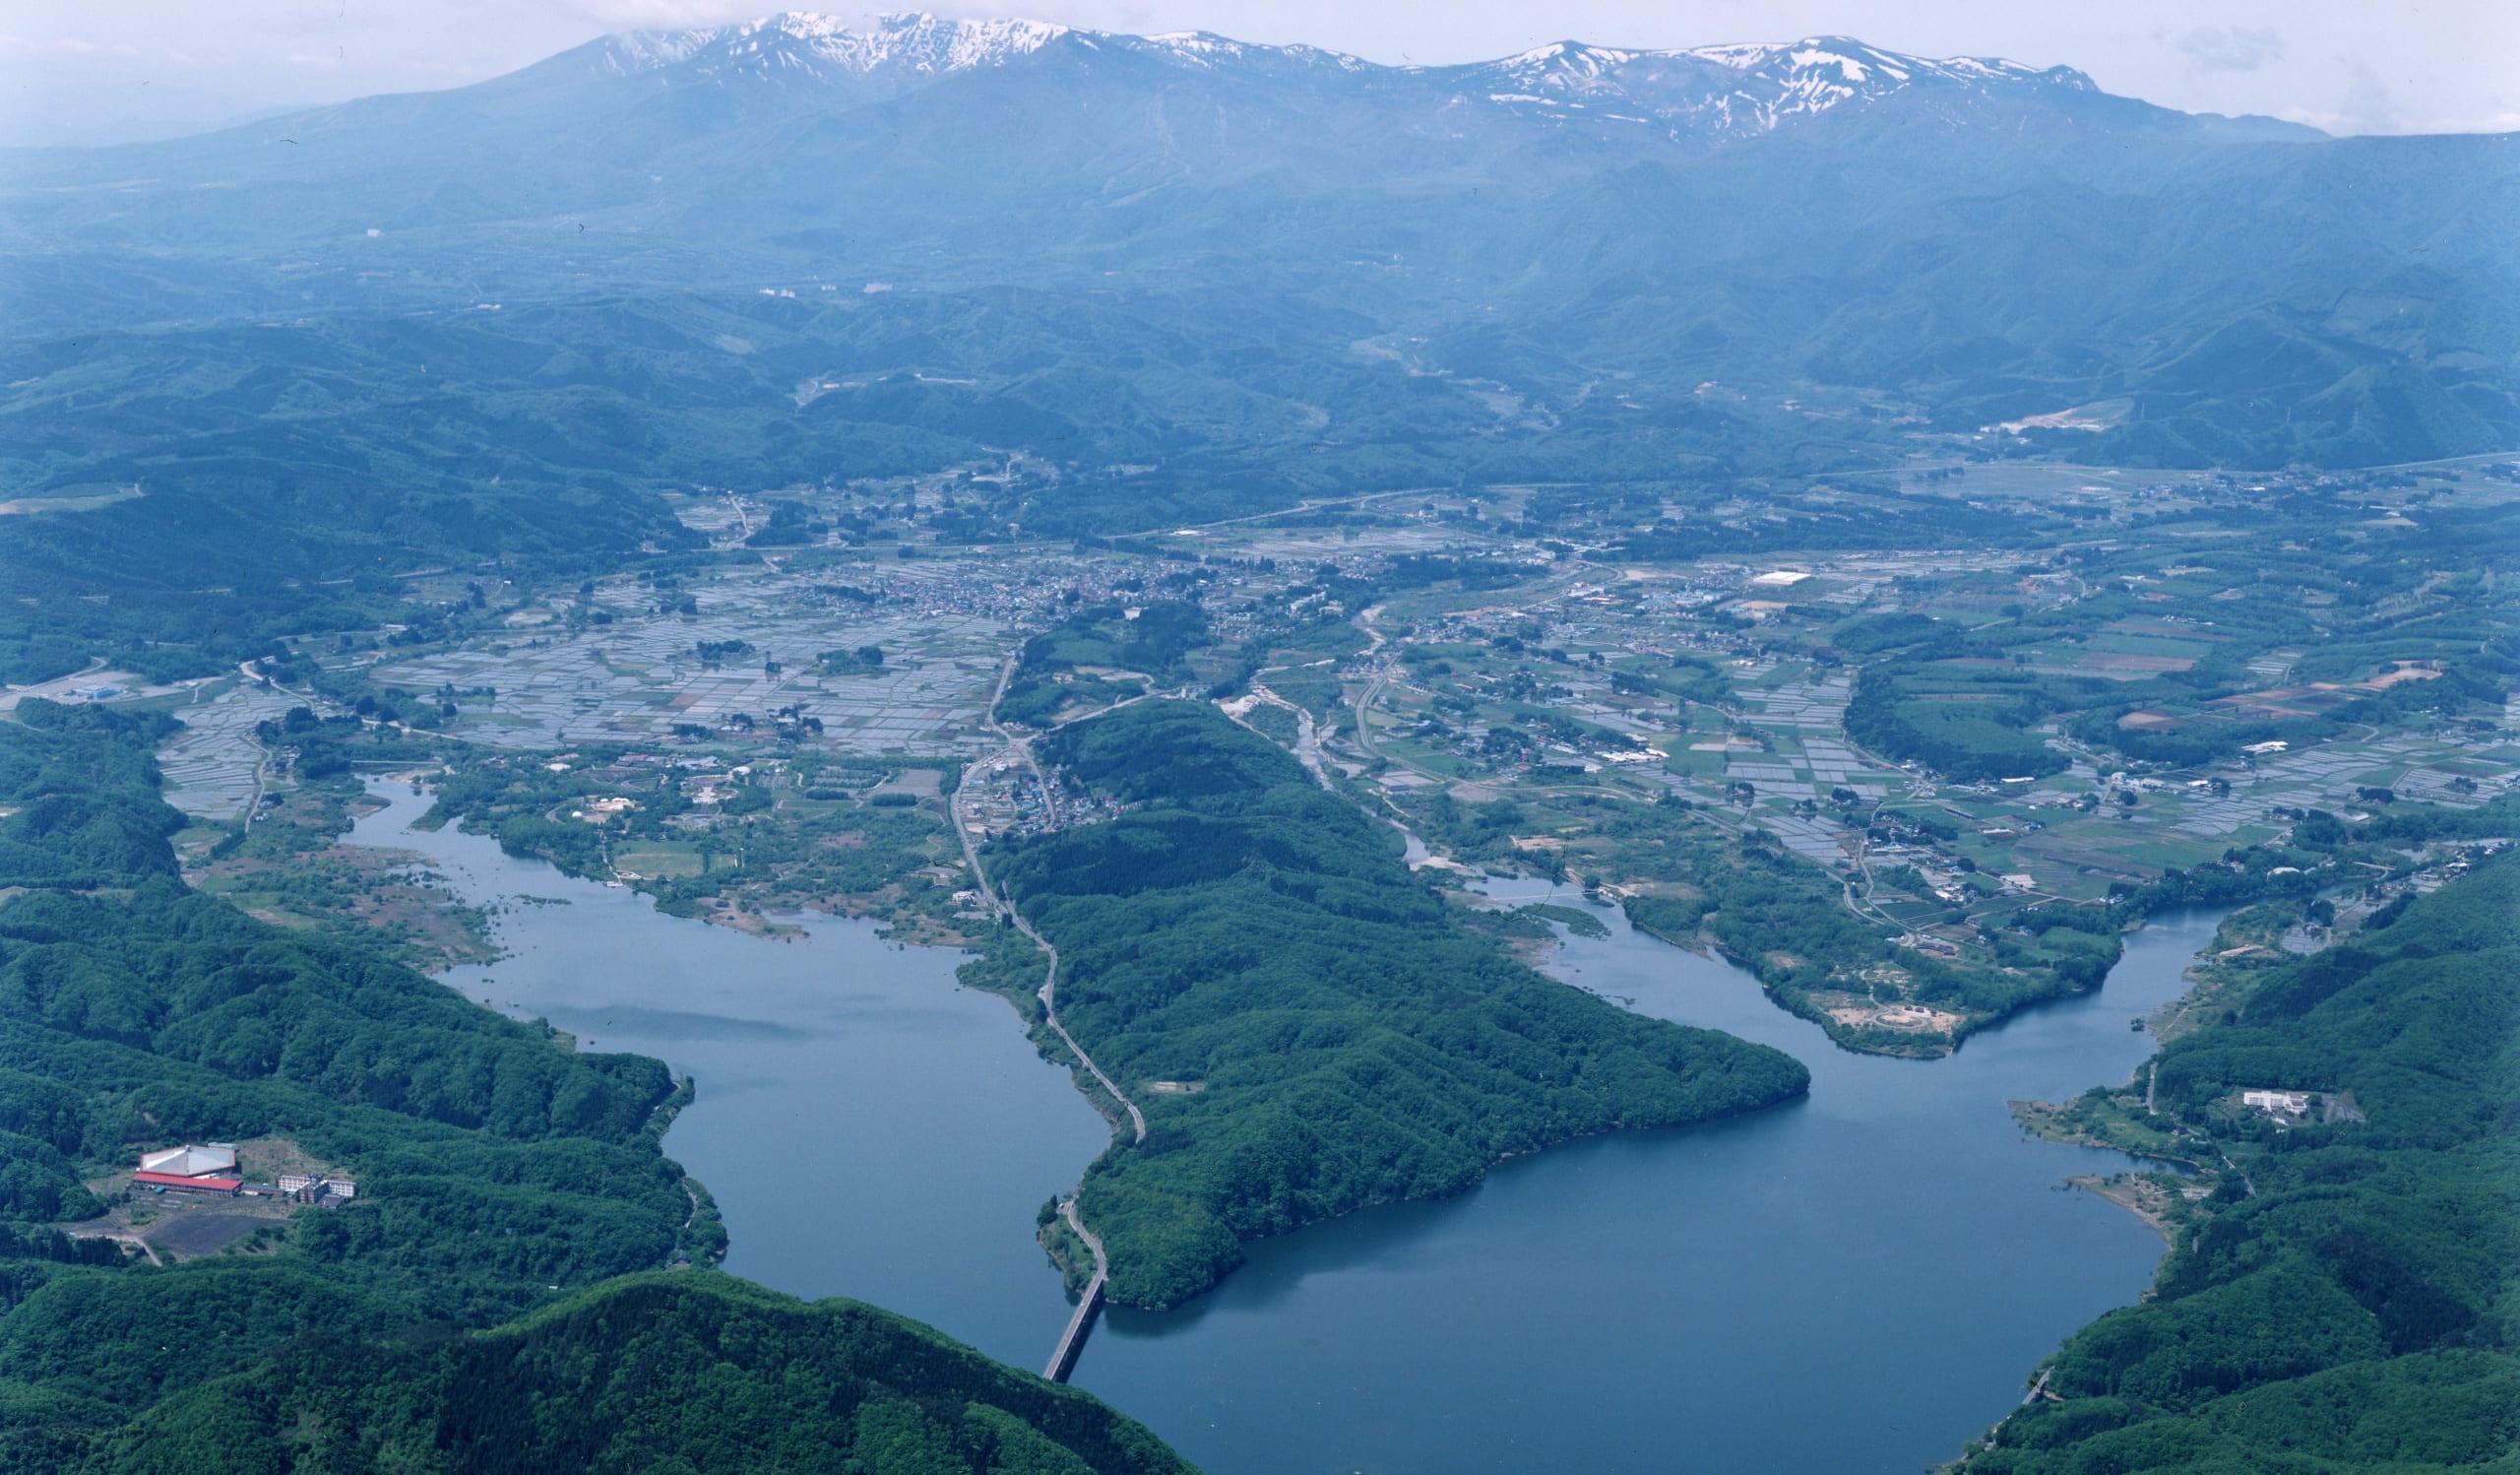 ふるさとパレットに宮城県川崎町が参加しました